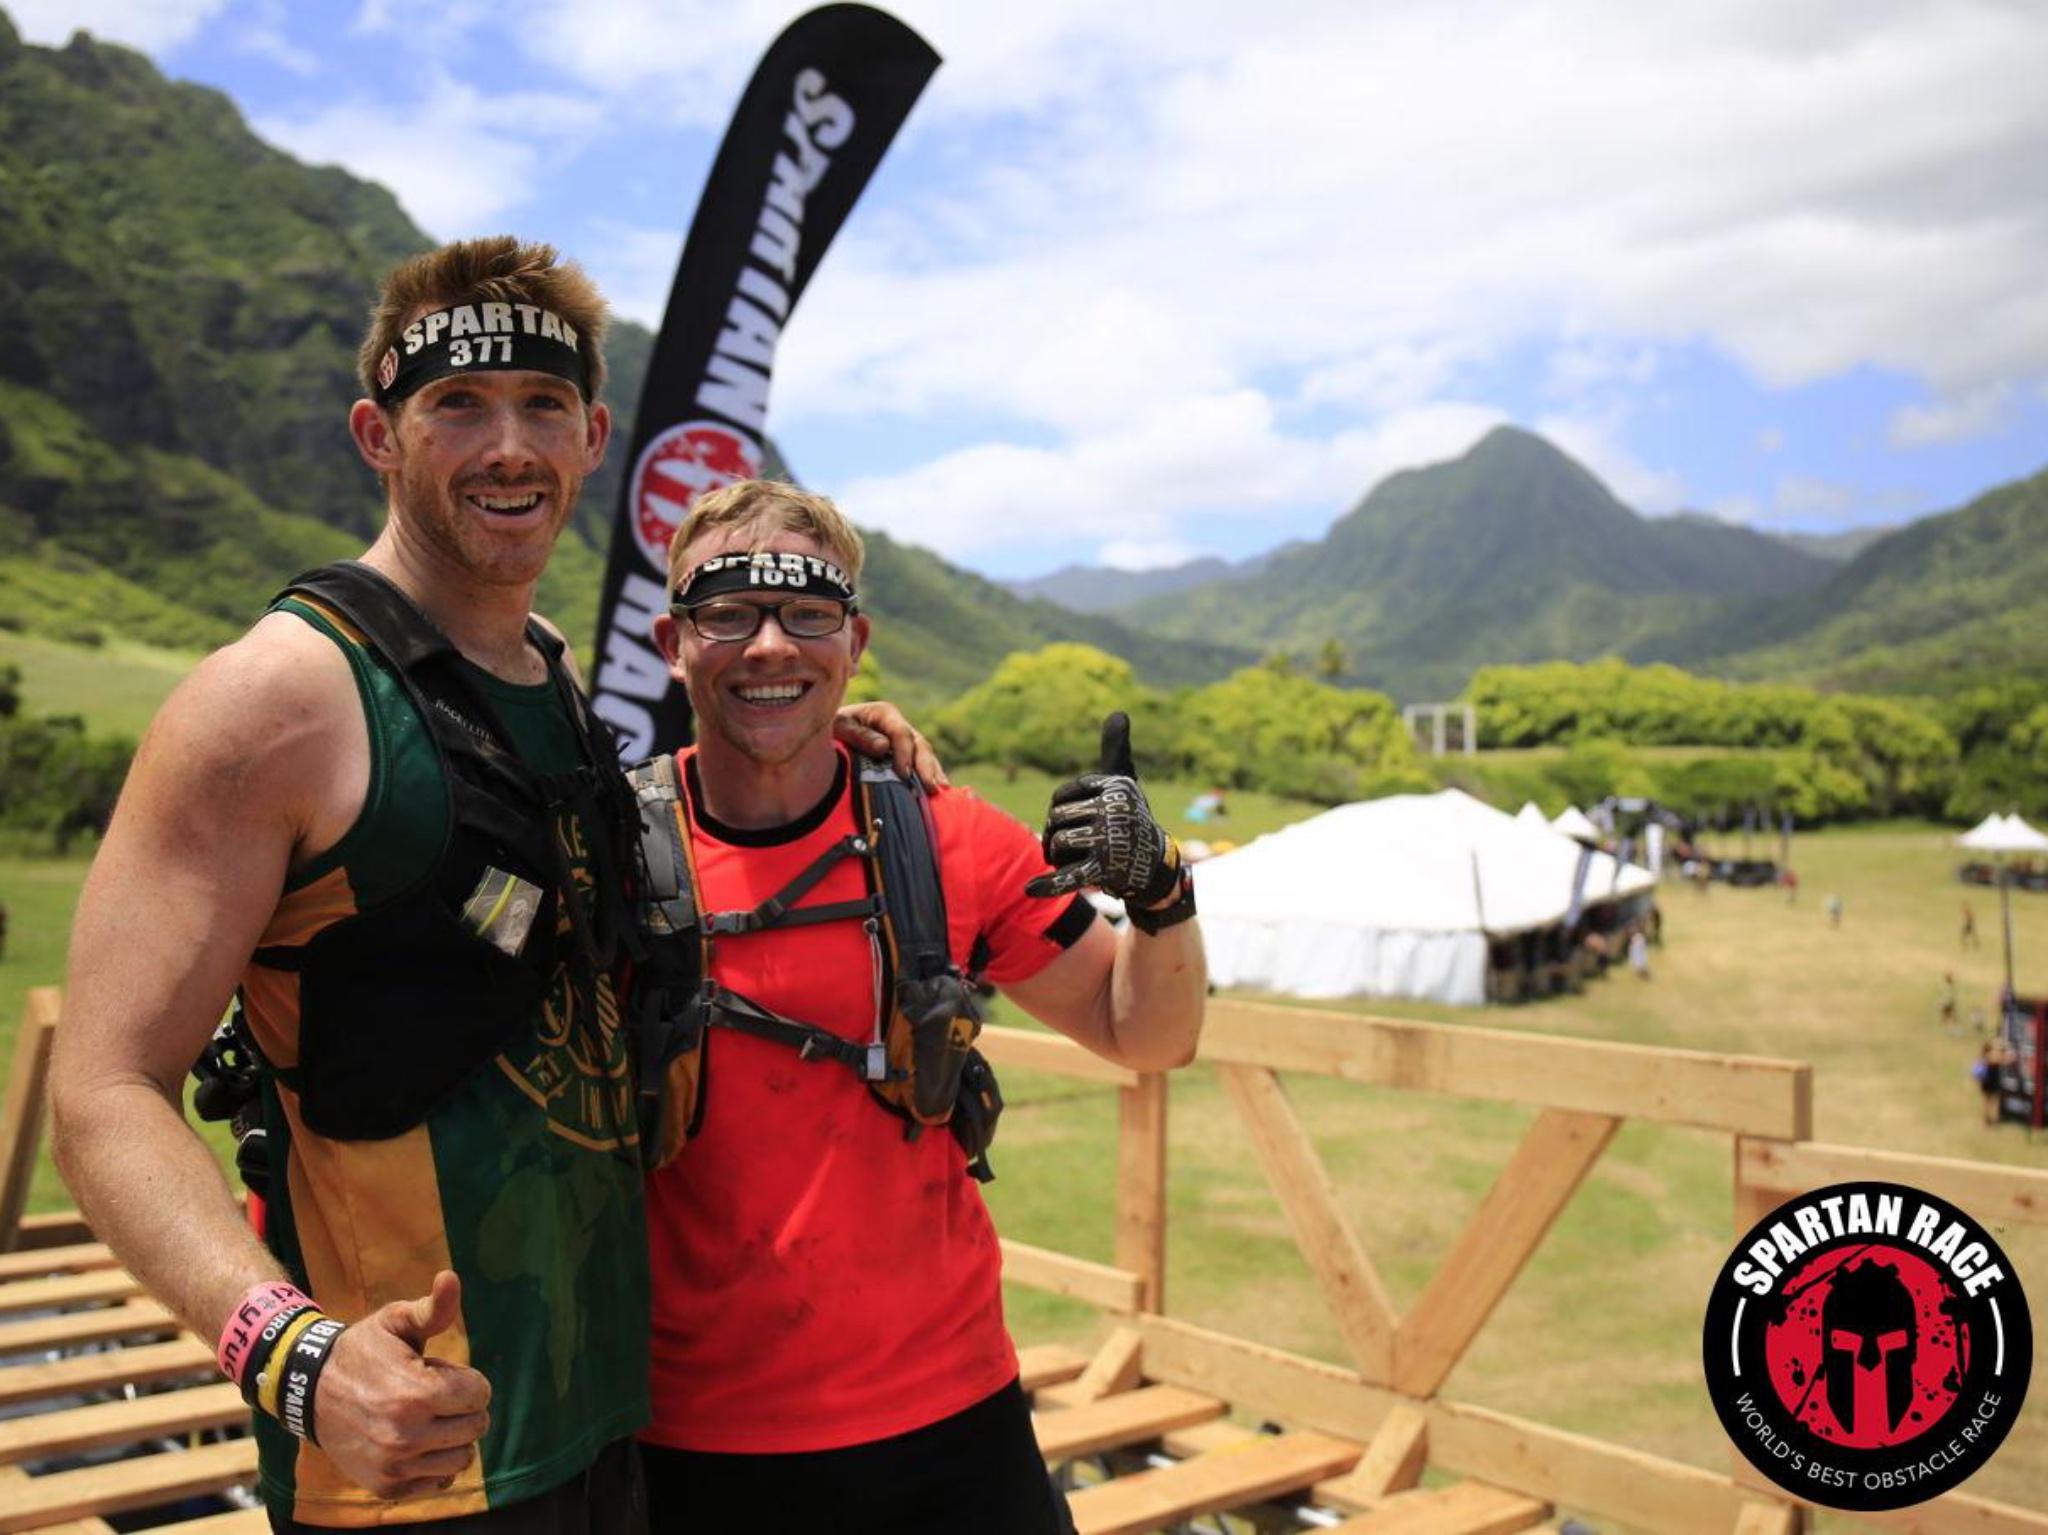 Sven Gehwald mit seinem australischen Freund beim Spartan Race auf Hawaii. Foto: Sportograf, Sven Gehwald